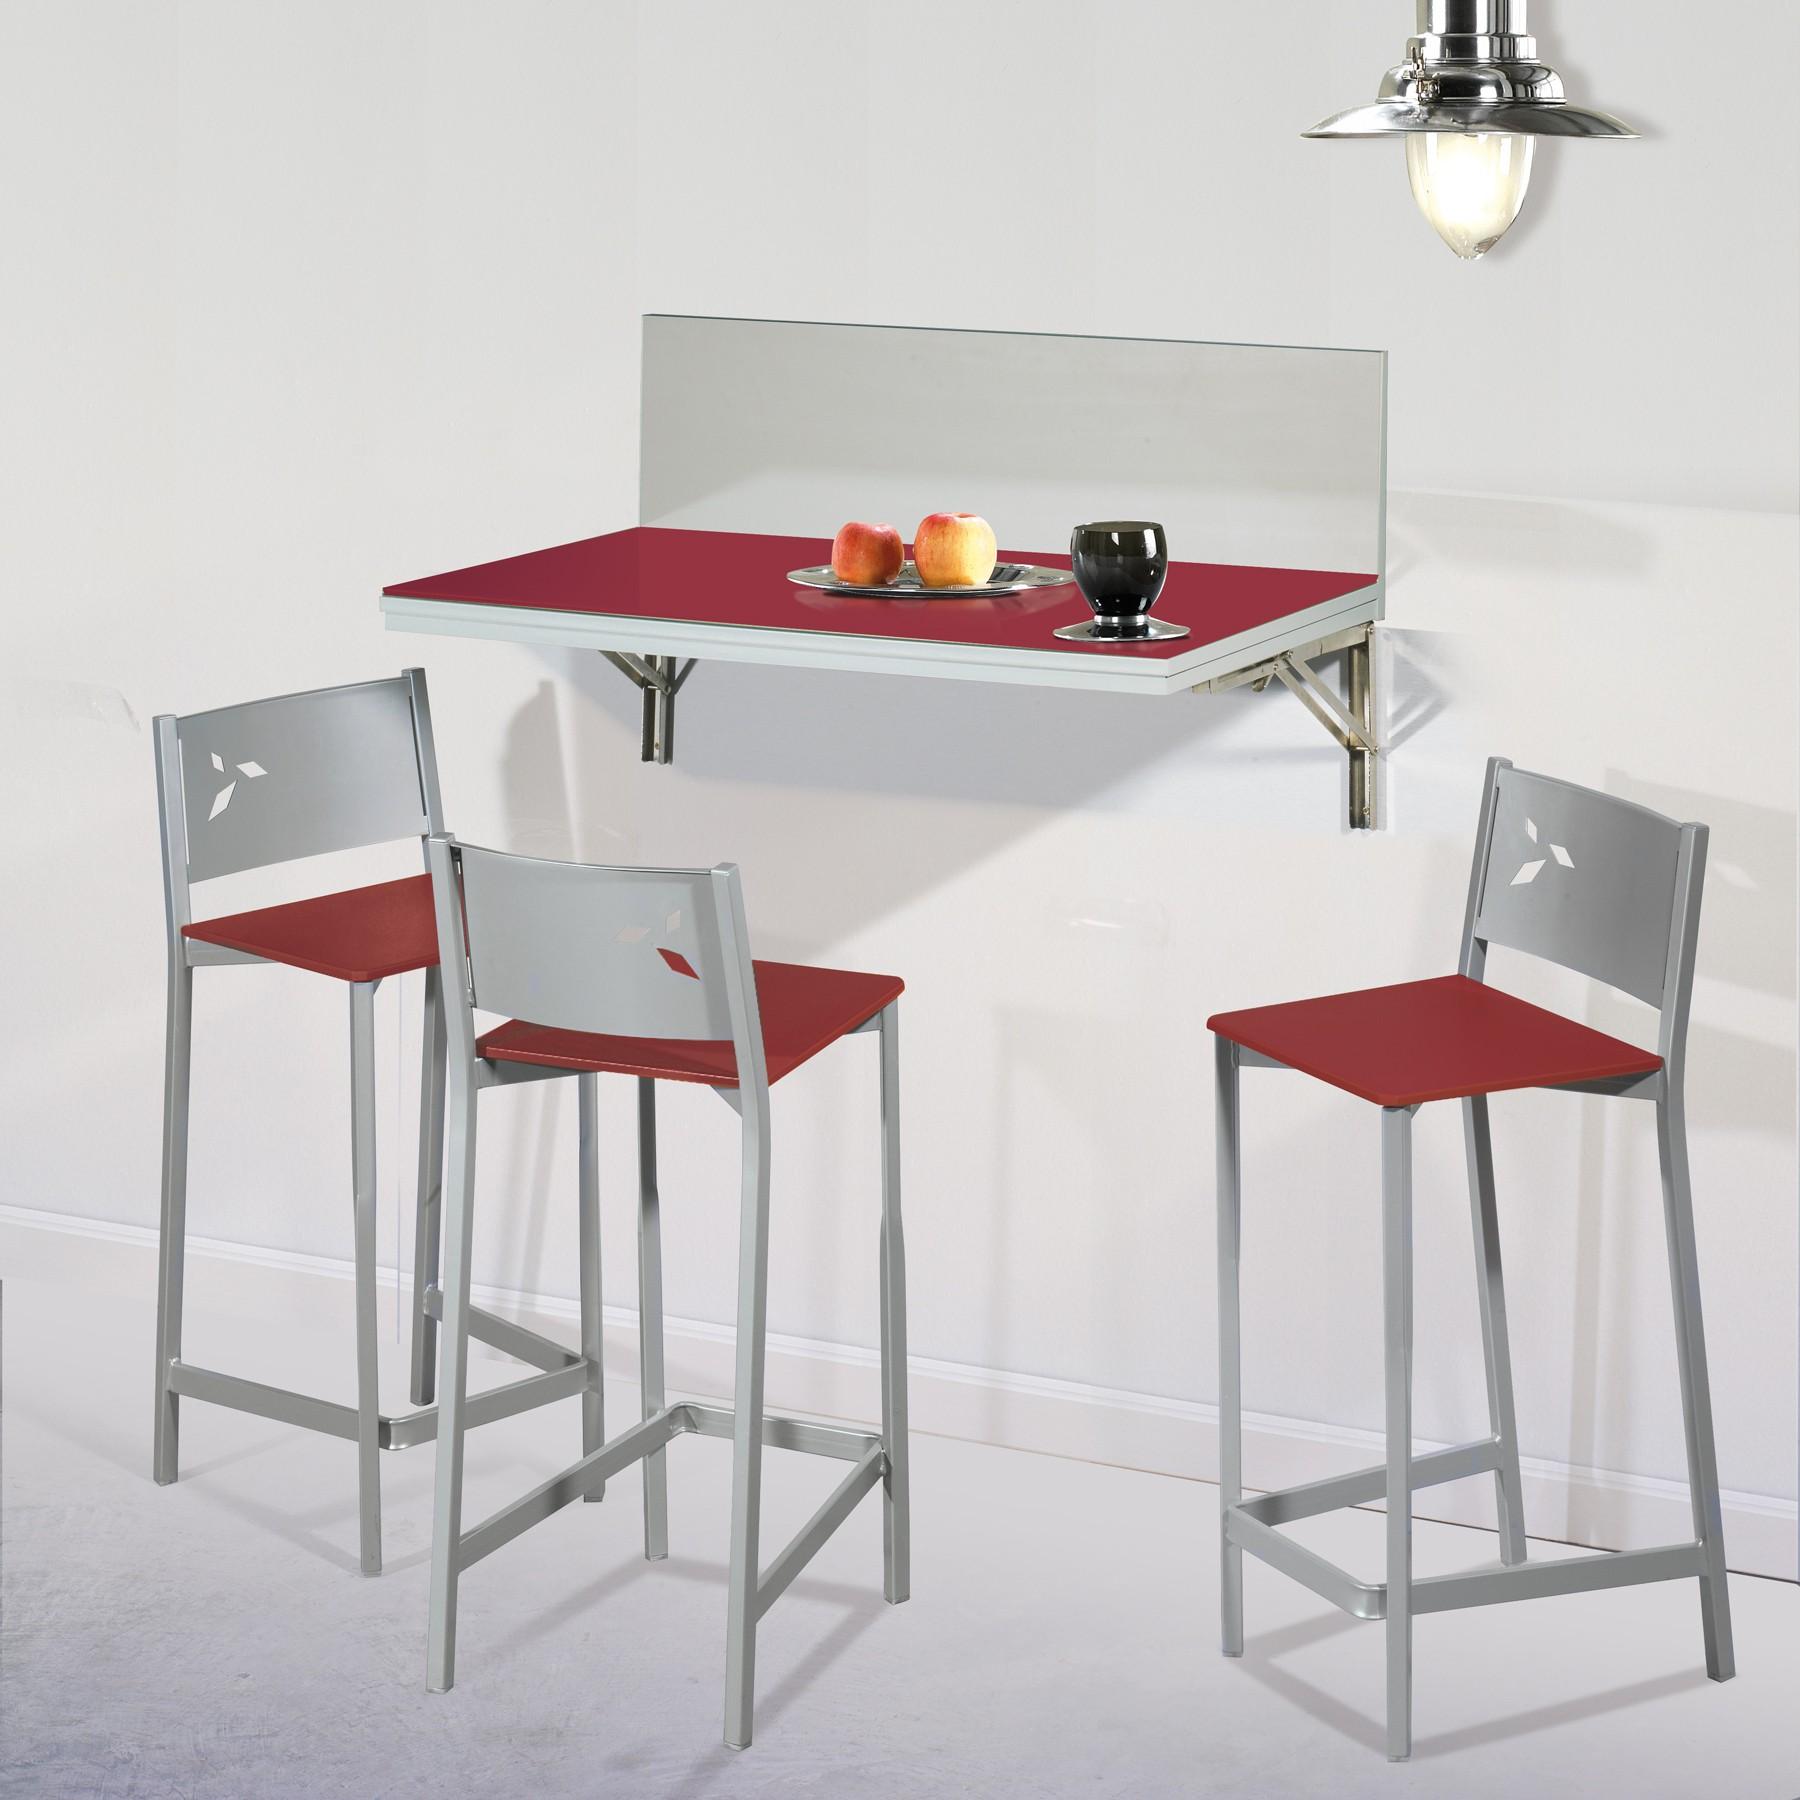 Pack ahorro en mesa de cocina de pared con dos taburetes - Cocinas con mesas ...